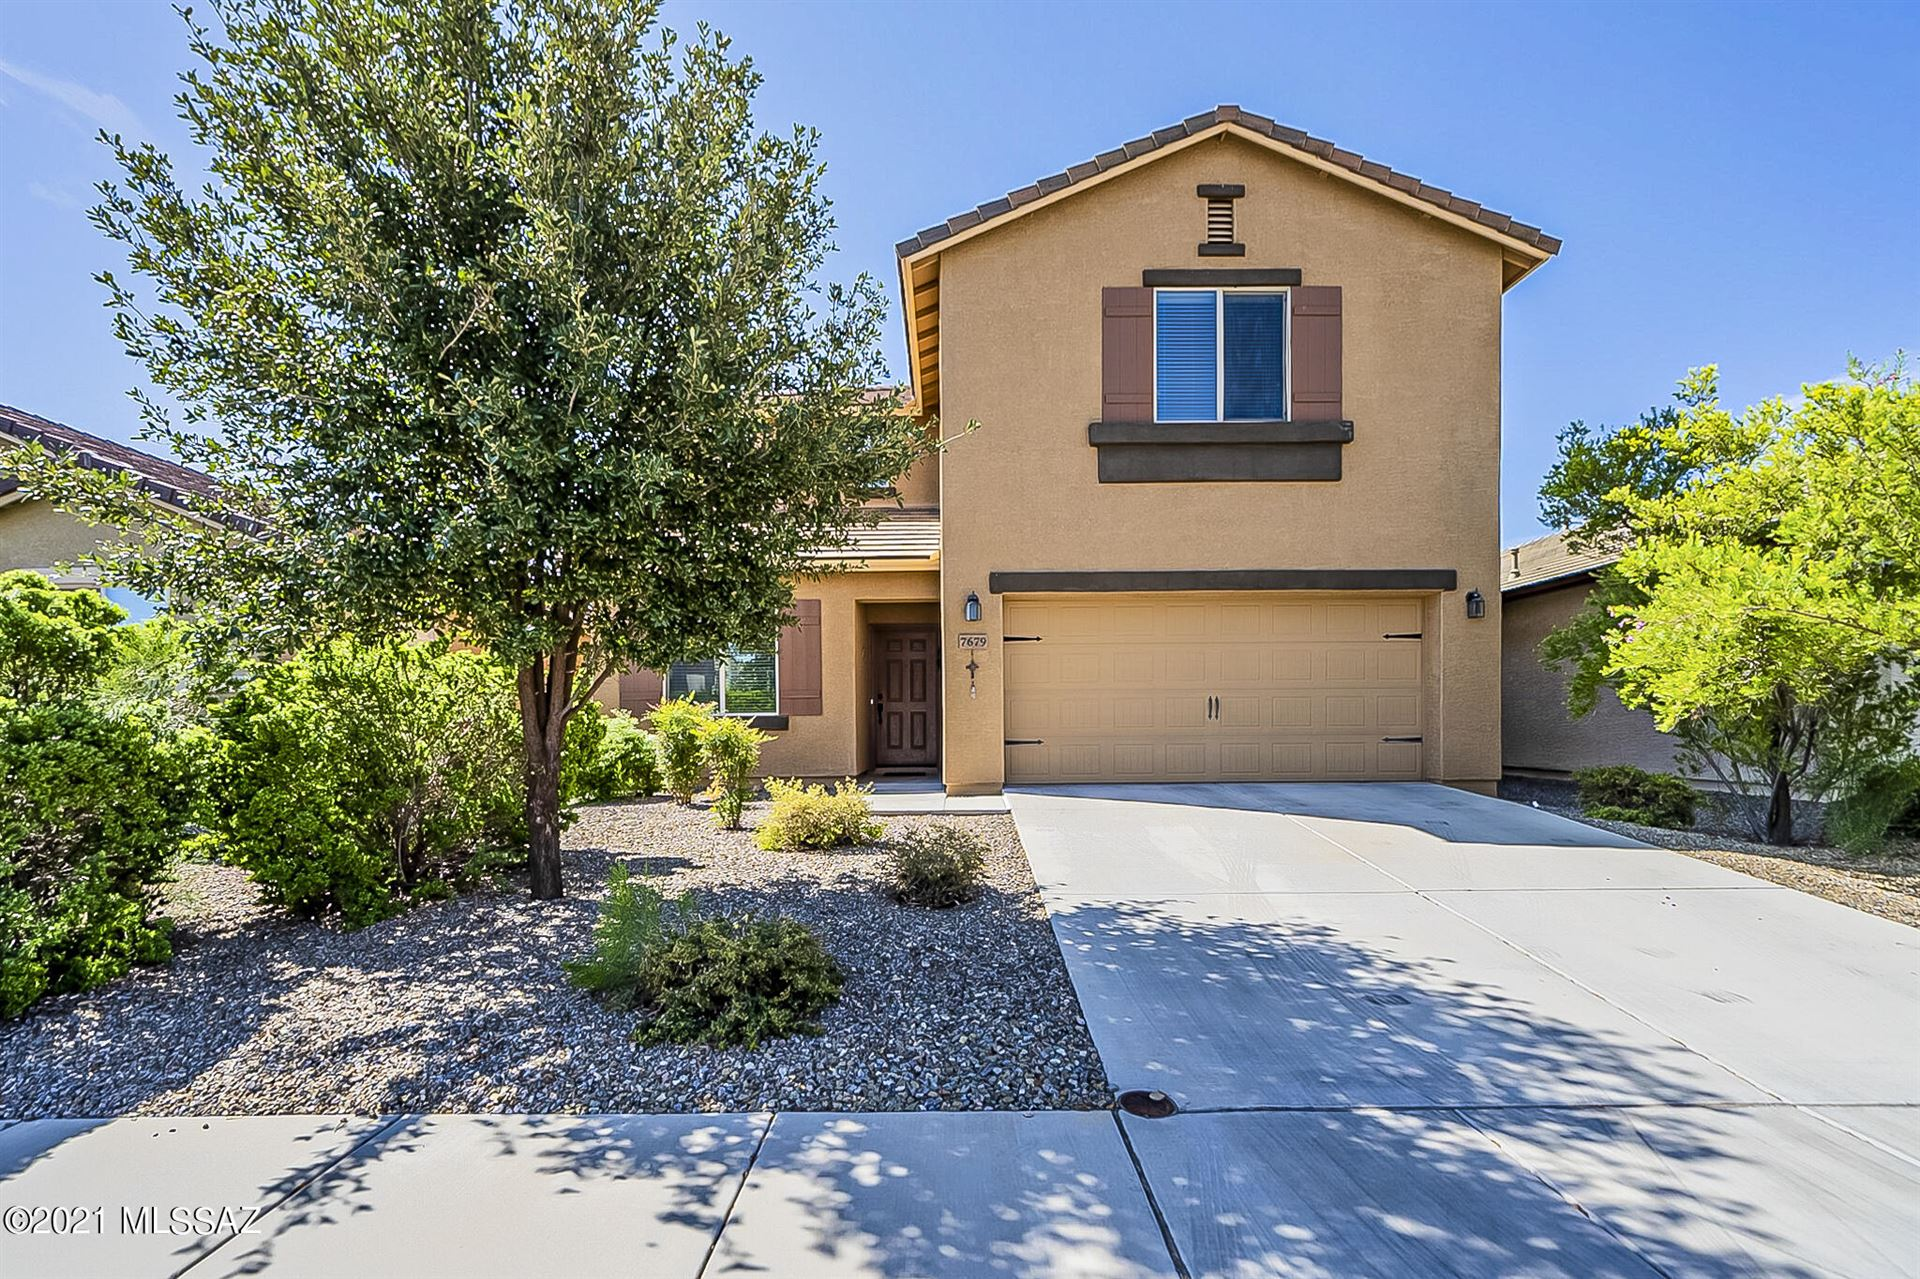 7679 W Tight Line Drive, Tucson, AZ 85757 - MLS#: 22122813